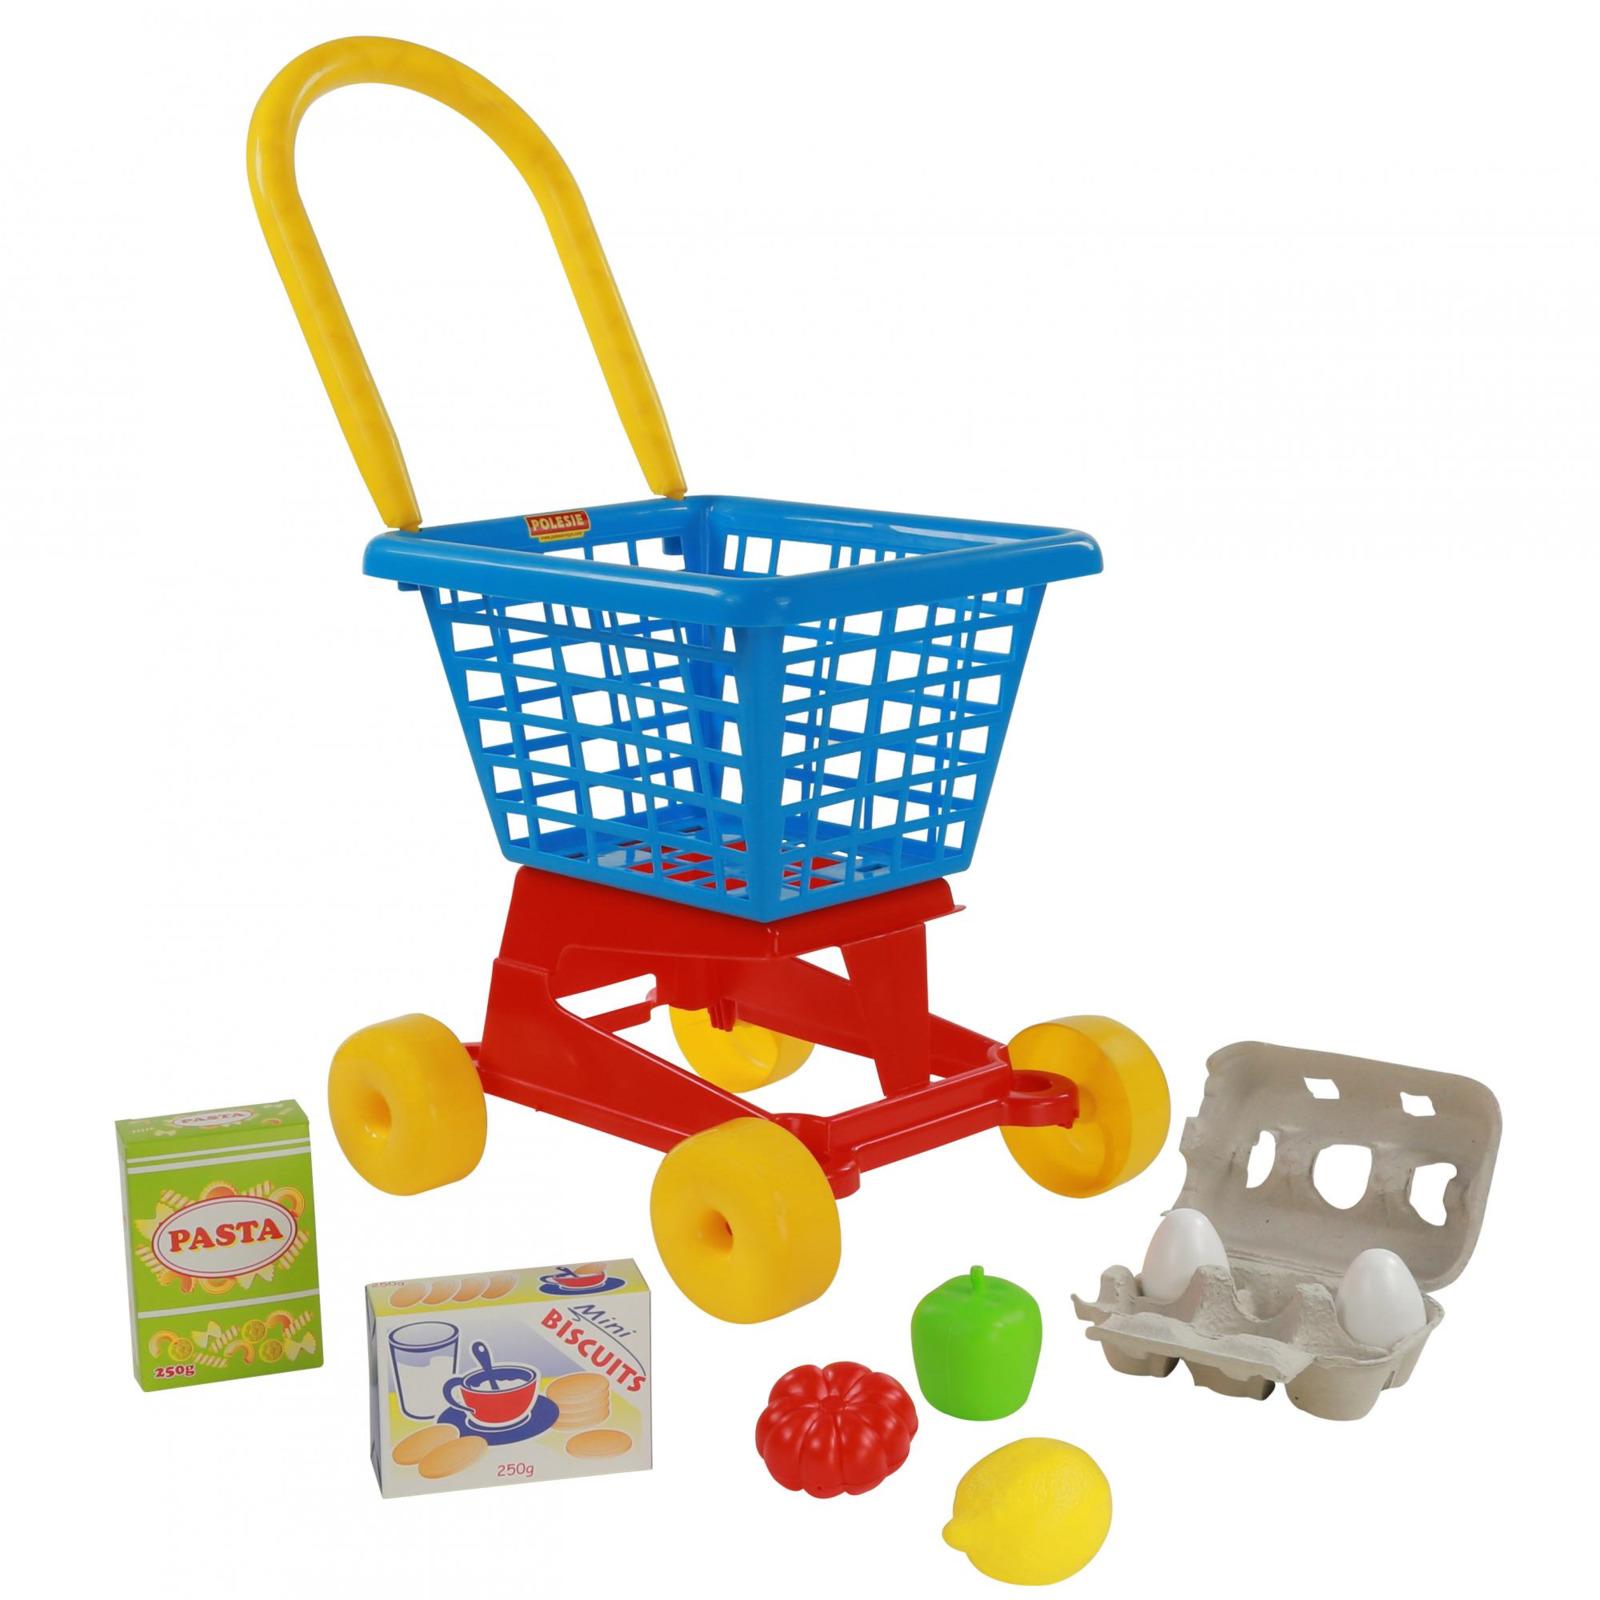 Фото - Тележка Полесье Supermarket №1 + набор продуктов №2, цвет в ассортименте полесье игрушечная тележка supermarket 1 с набором продуктов цвет в ассортименте